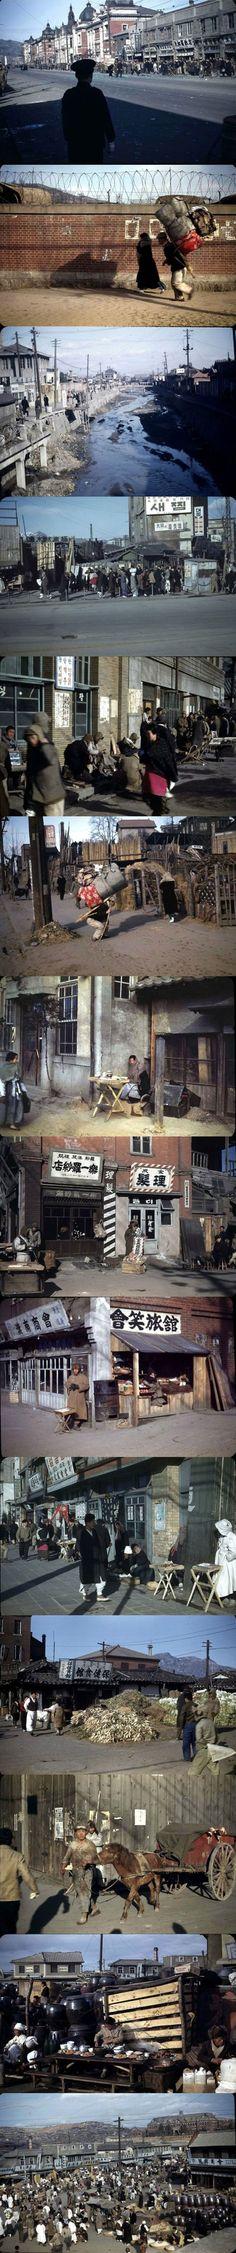 이전의 서울 모습 Seoul before 1950 Old Pictures, Old Photos, Cities In Korea, Korean People, Korean Wave, Korean Traditional, The Old Days, Modern History, My Land